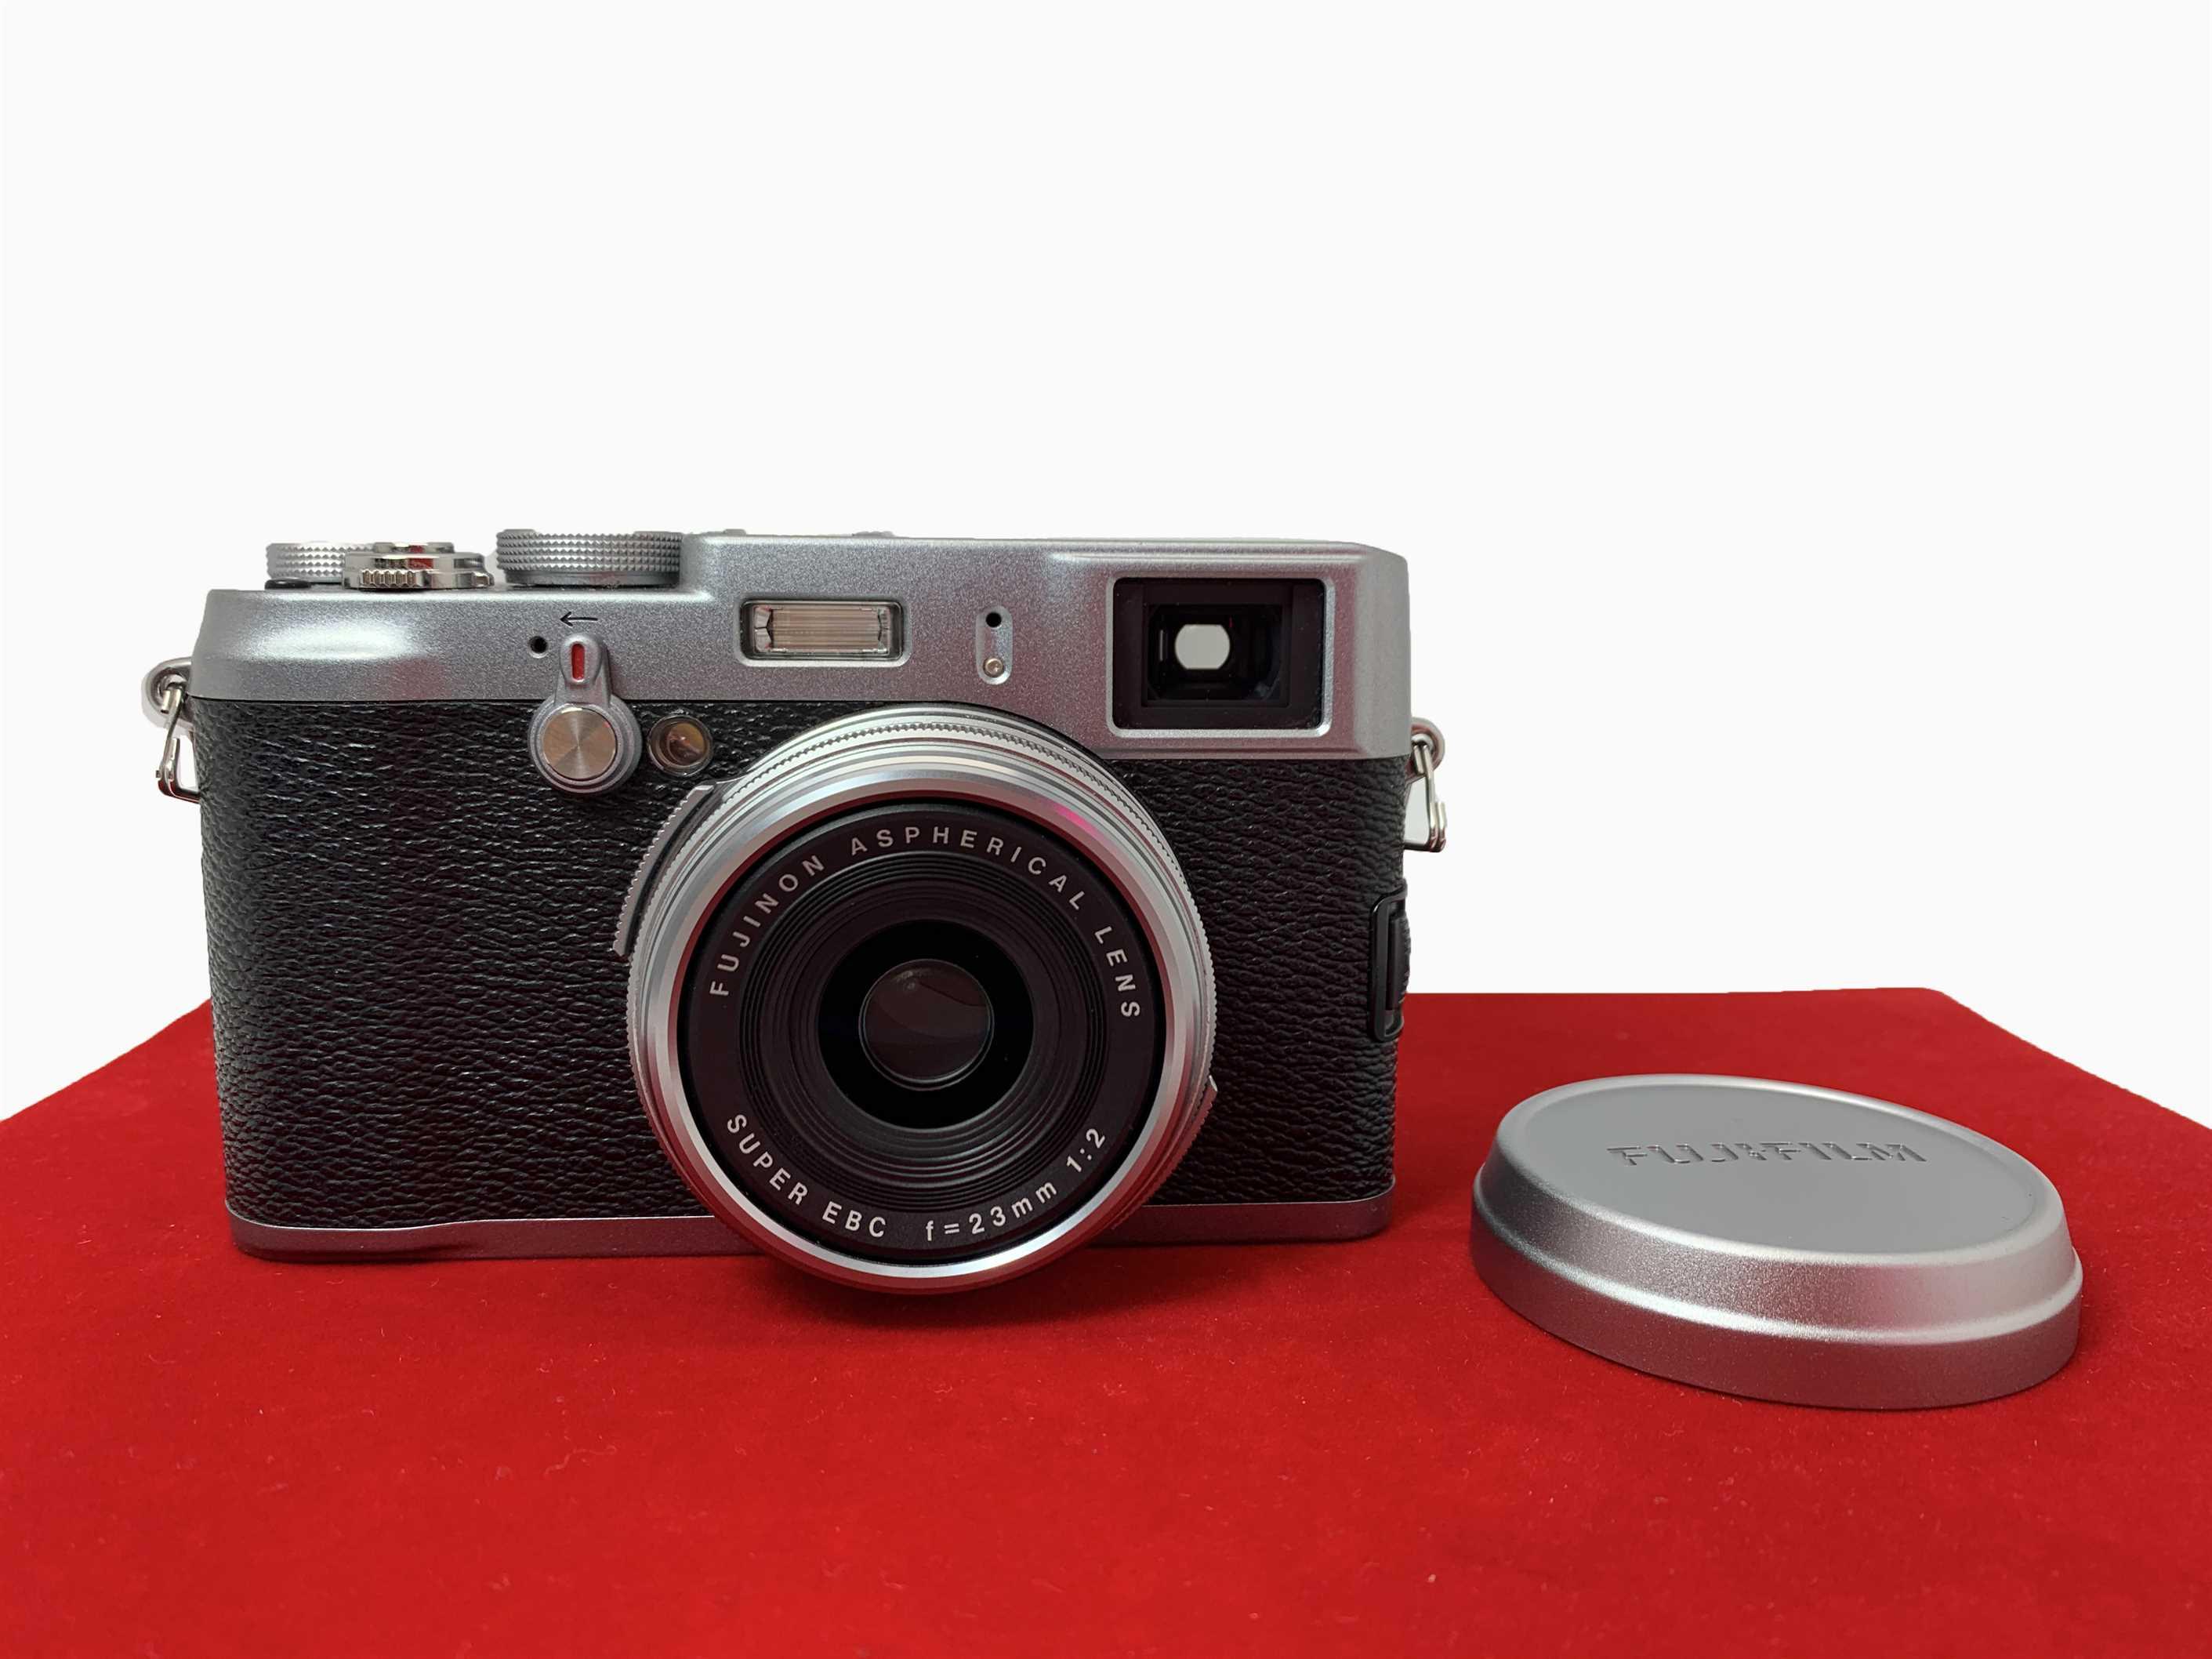 [USED-PJ33] FUJIFILM X100 Camera,90% Like New Condition (S/N:13M03451)